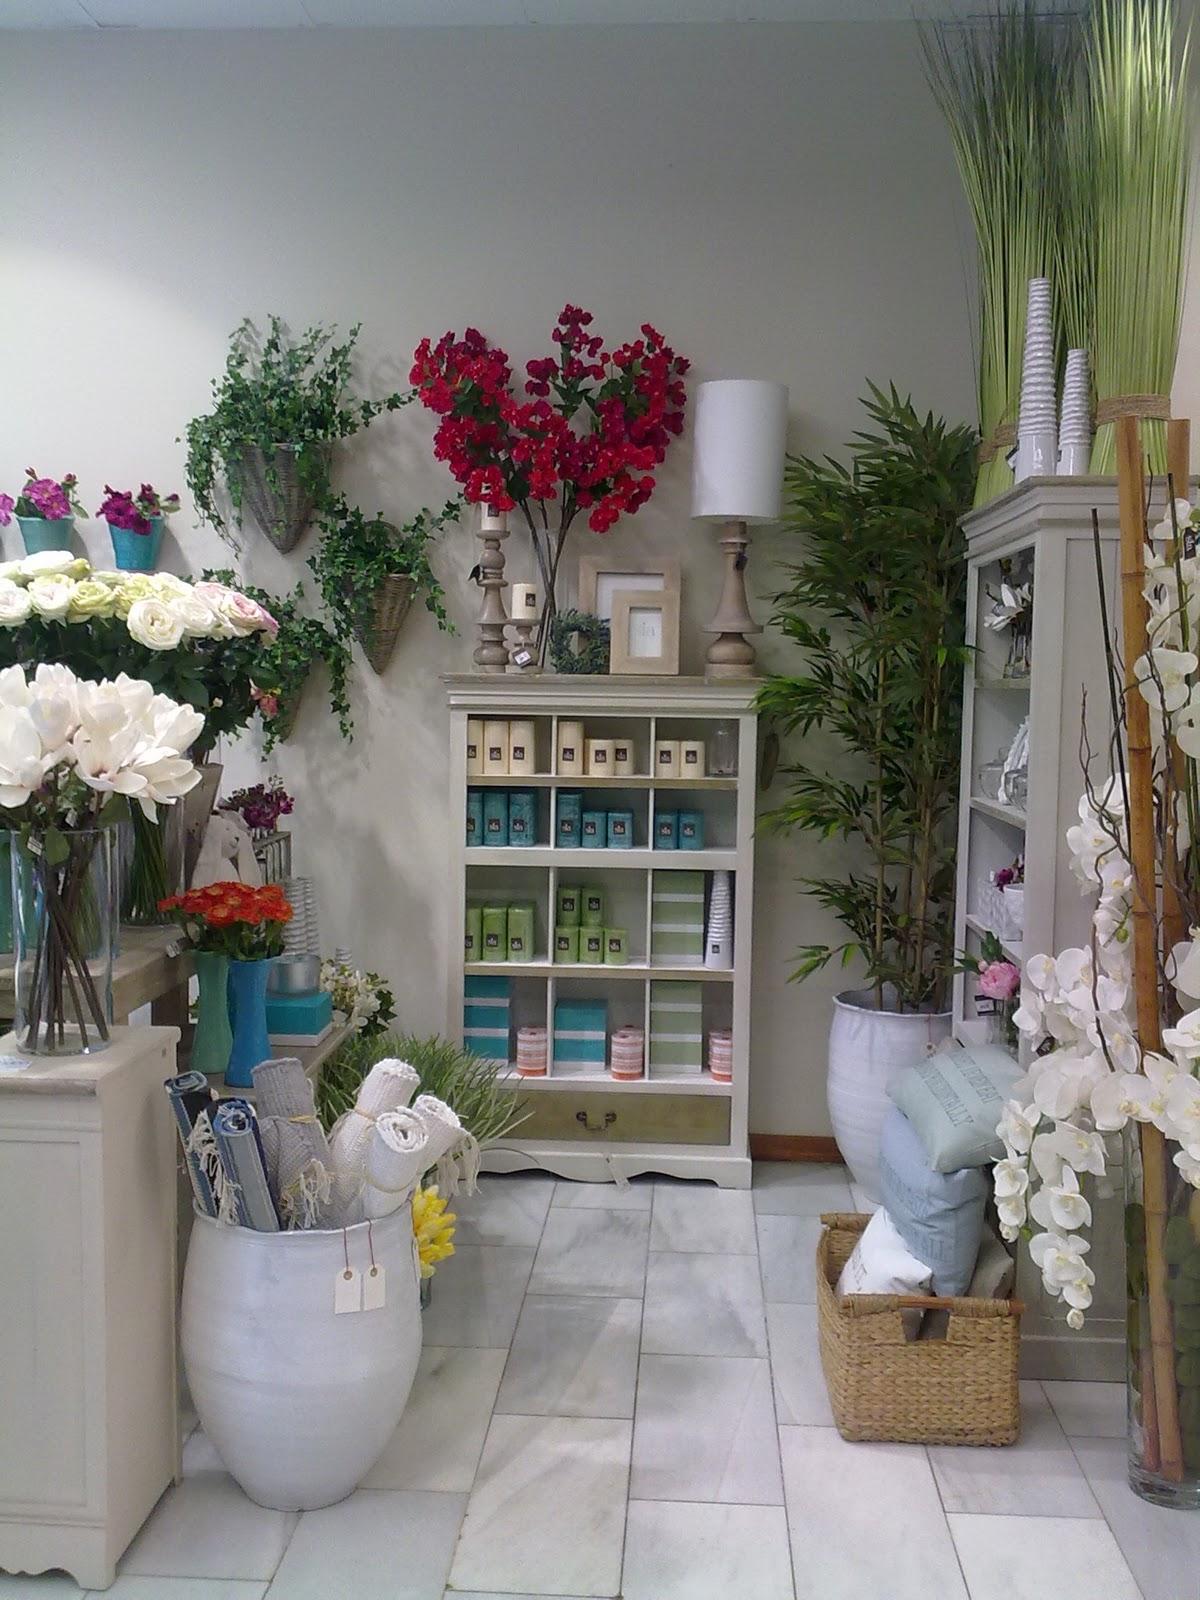 Decoraci n artico ideas y consejos con flores y plantas - Decoracion en valencia ...